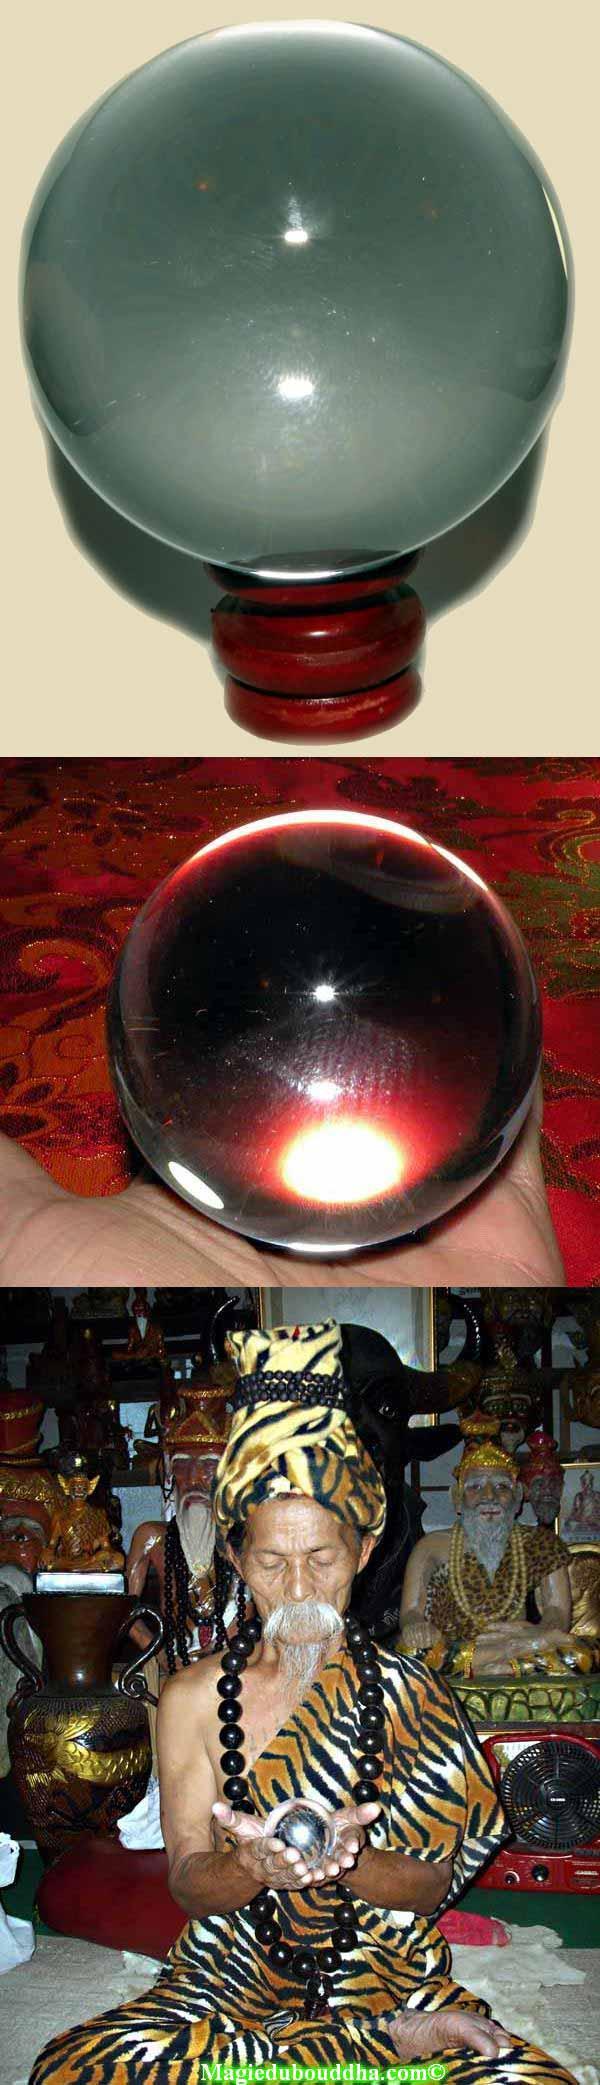 boule de cristal lersi po kassem